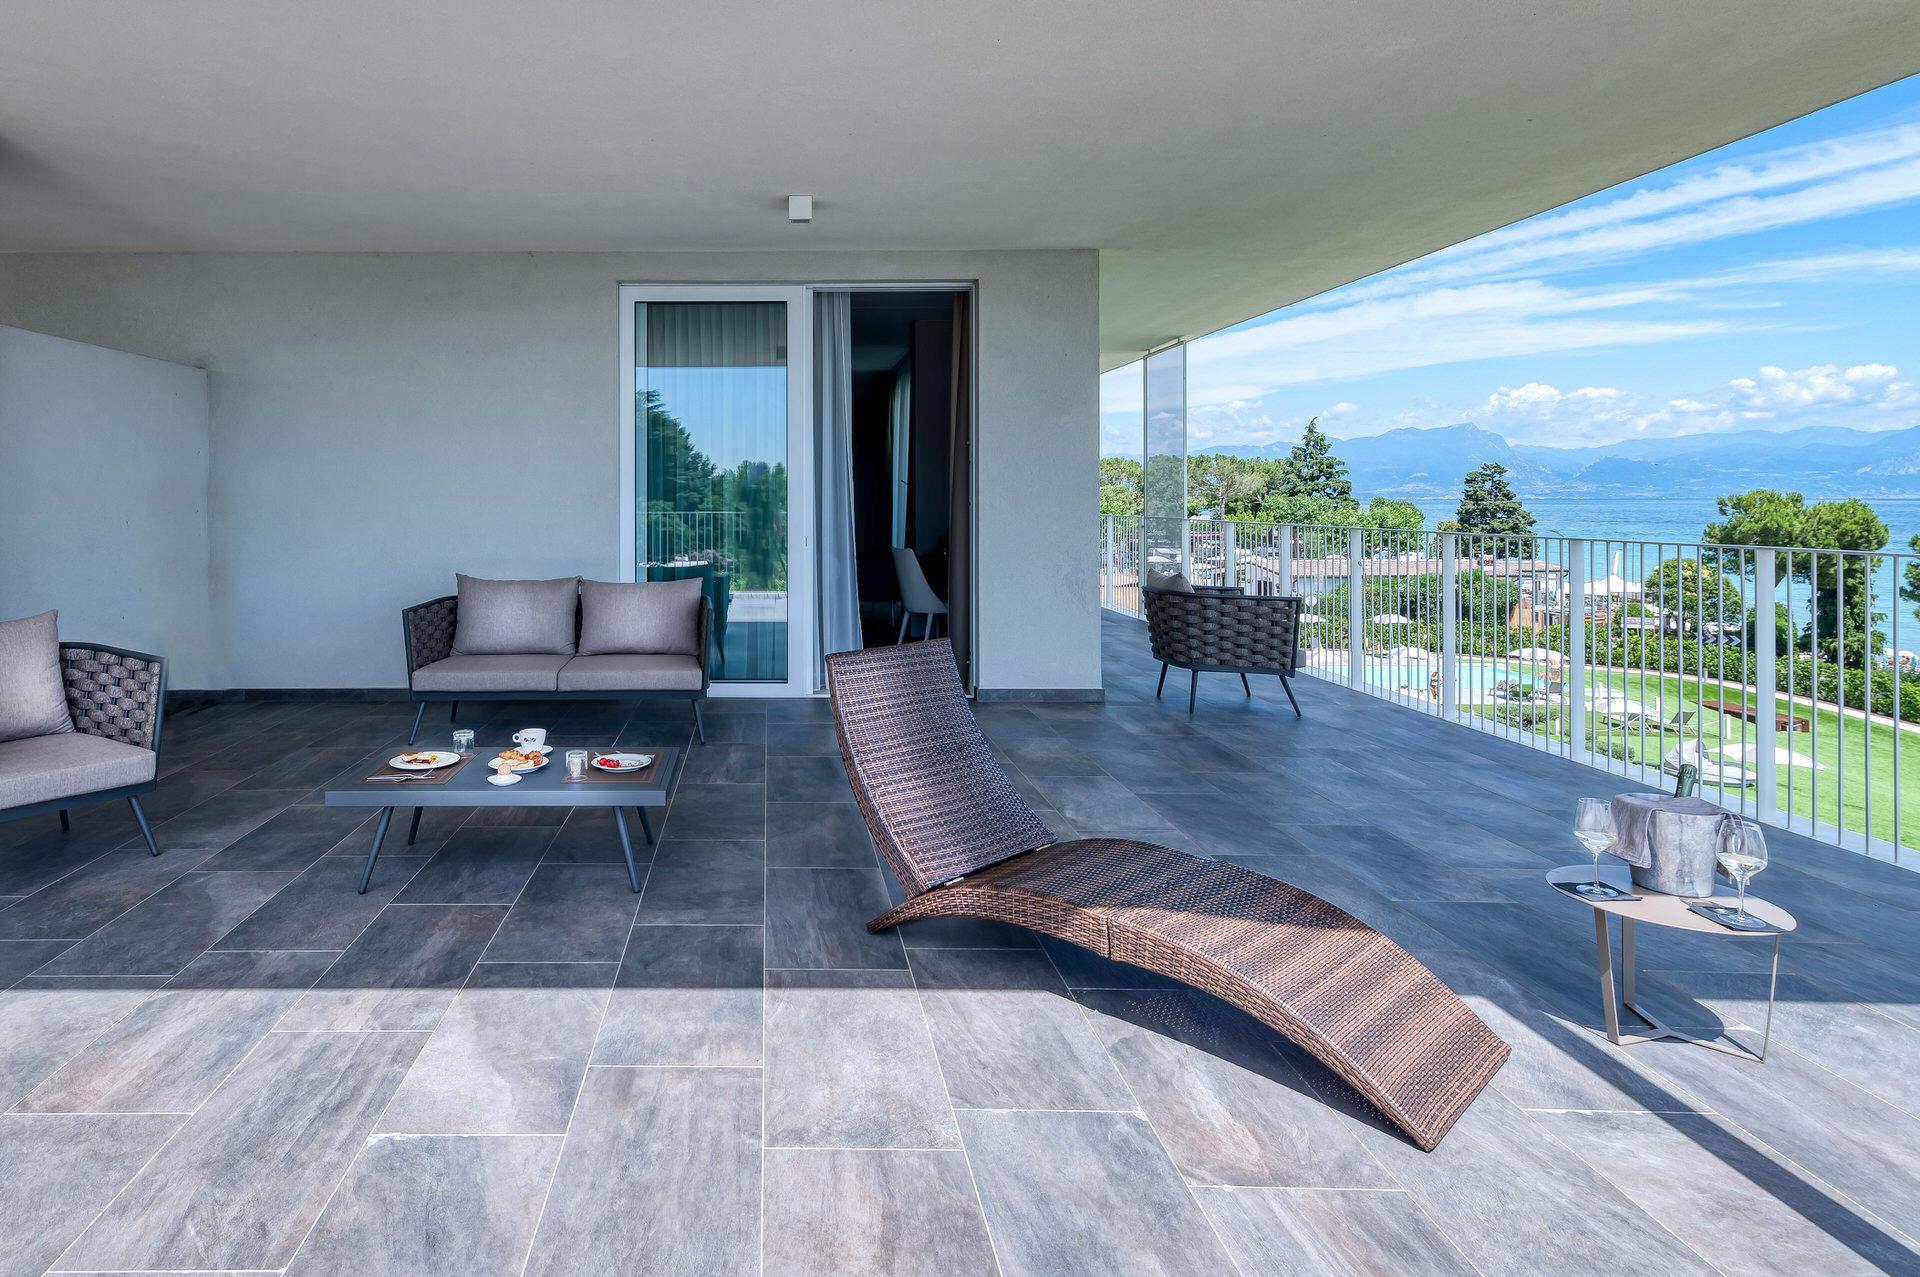 servizio fotografico professionale terrazzo suite hotel